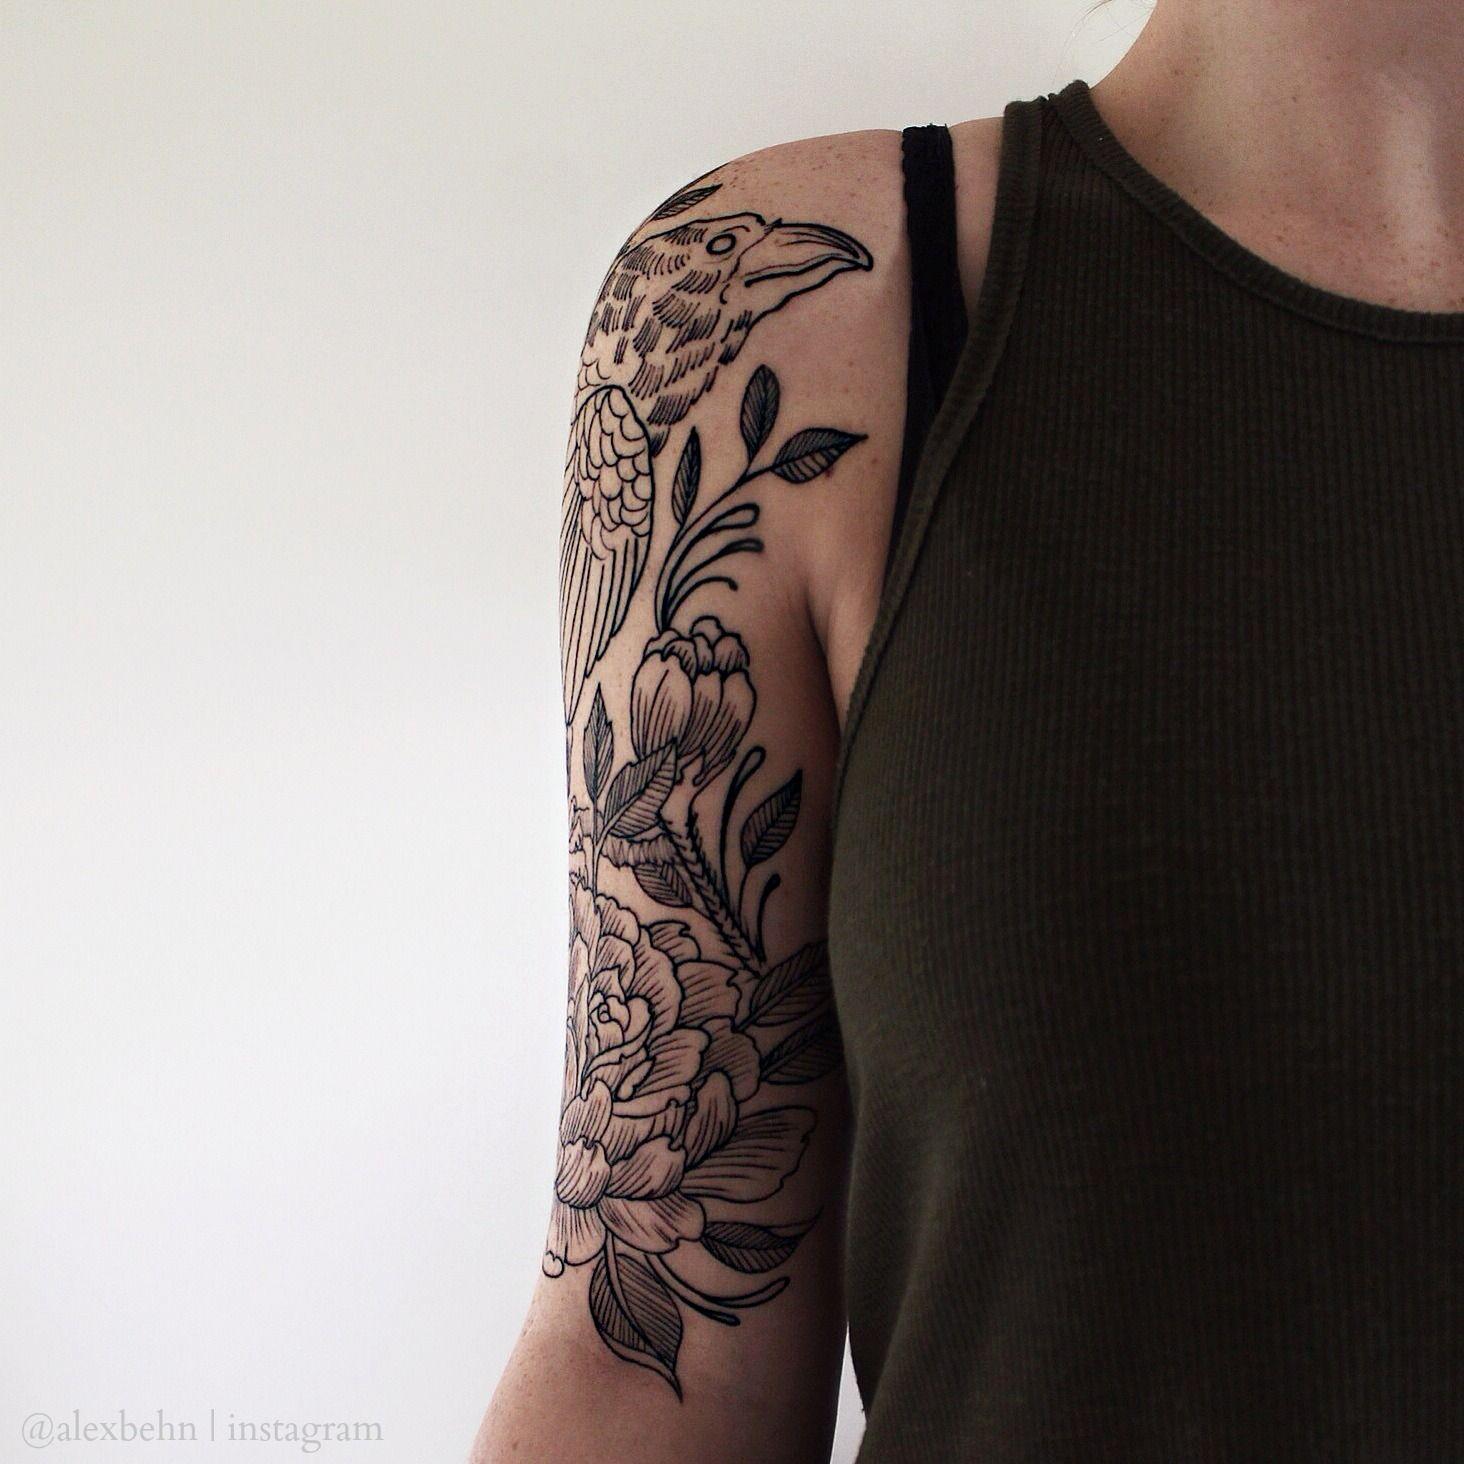 My floral and raven tattoo alex behn instagram instagram